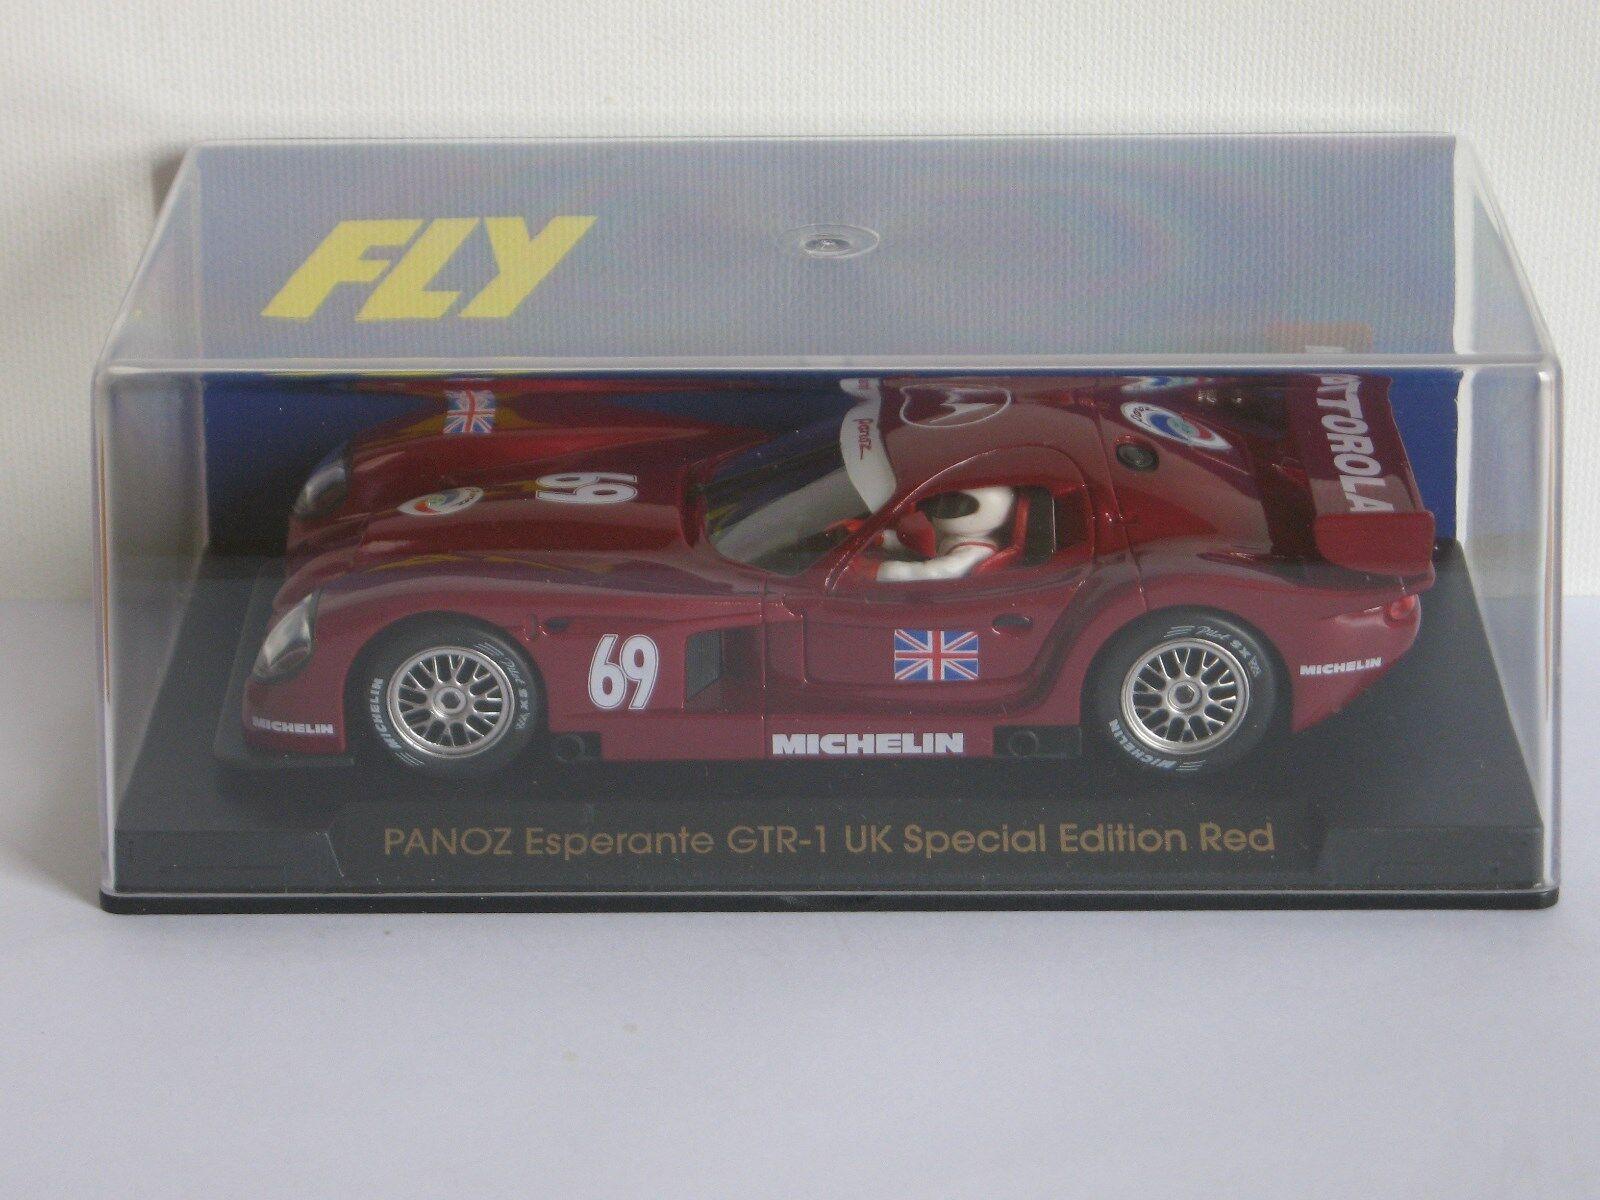 FLY Car Panoz Esperante GTR-1 UK Special Edition Red Ref. E62